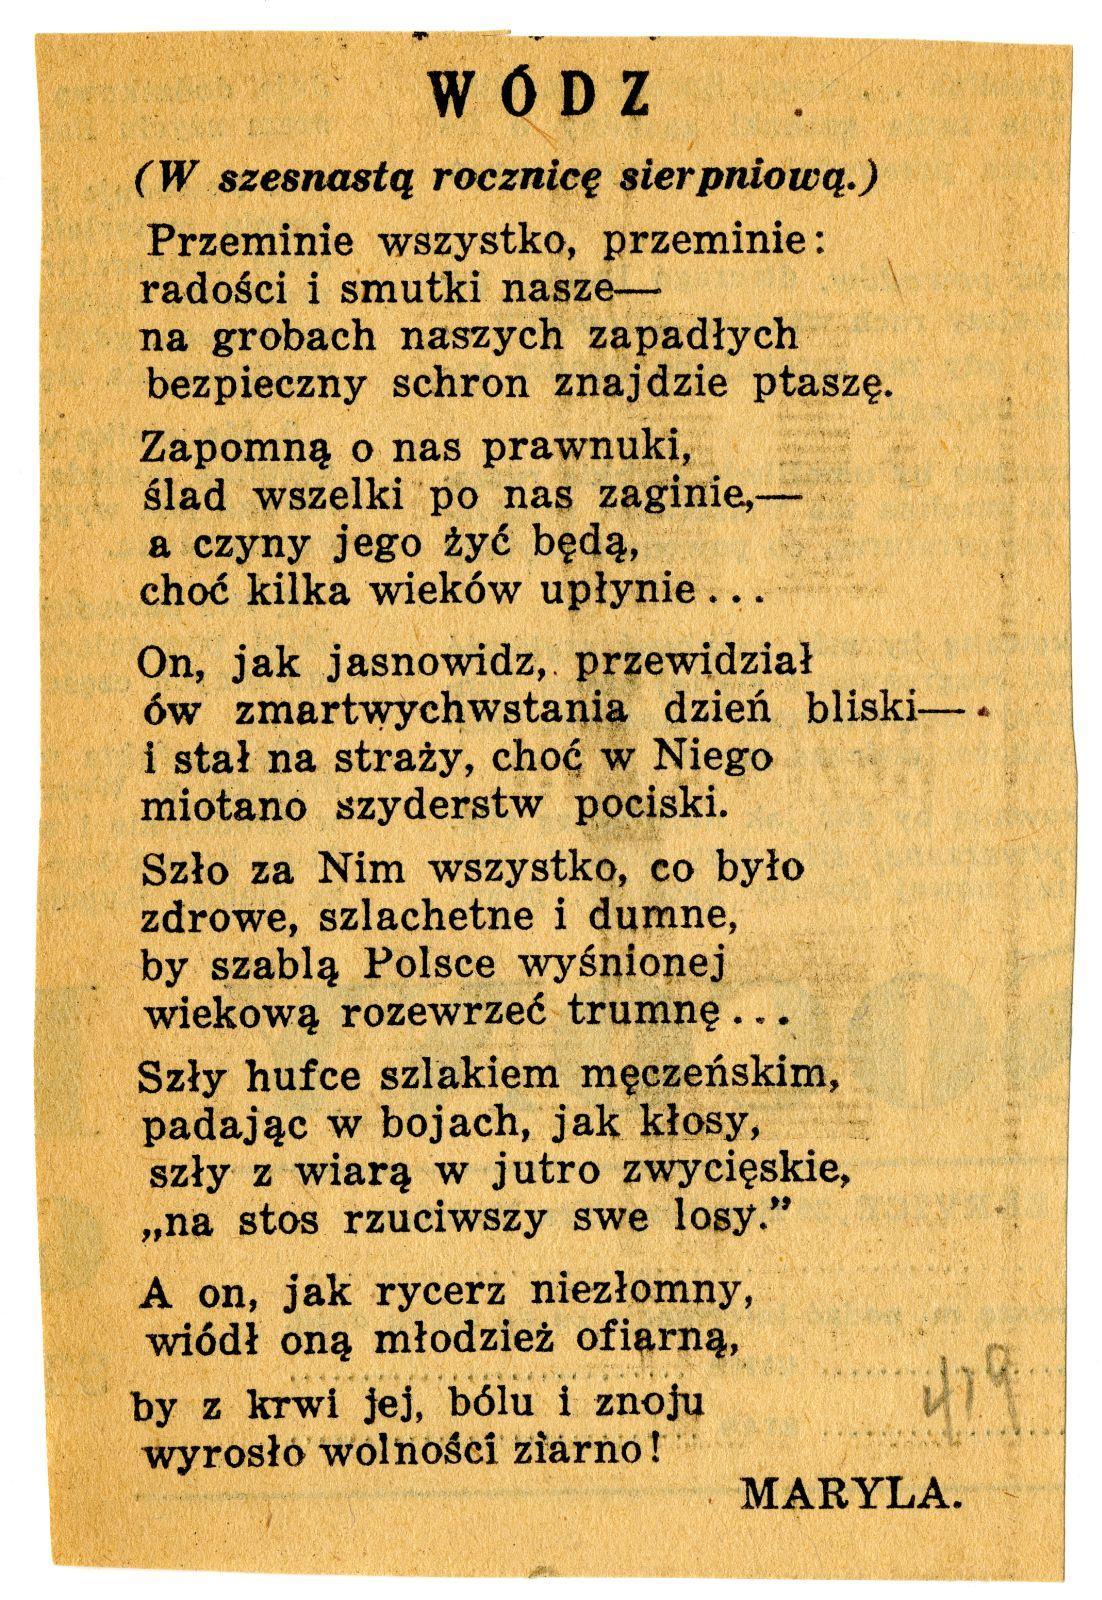 Wiersze O Józefie Piłsudskim